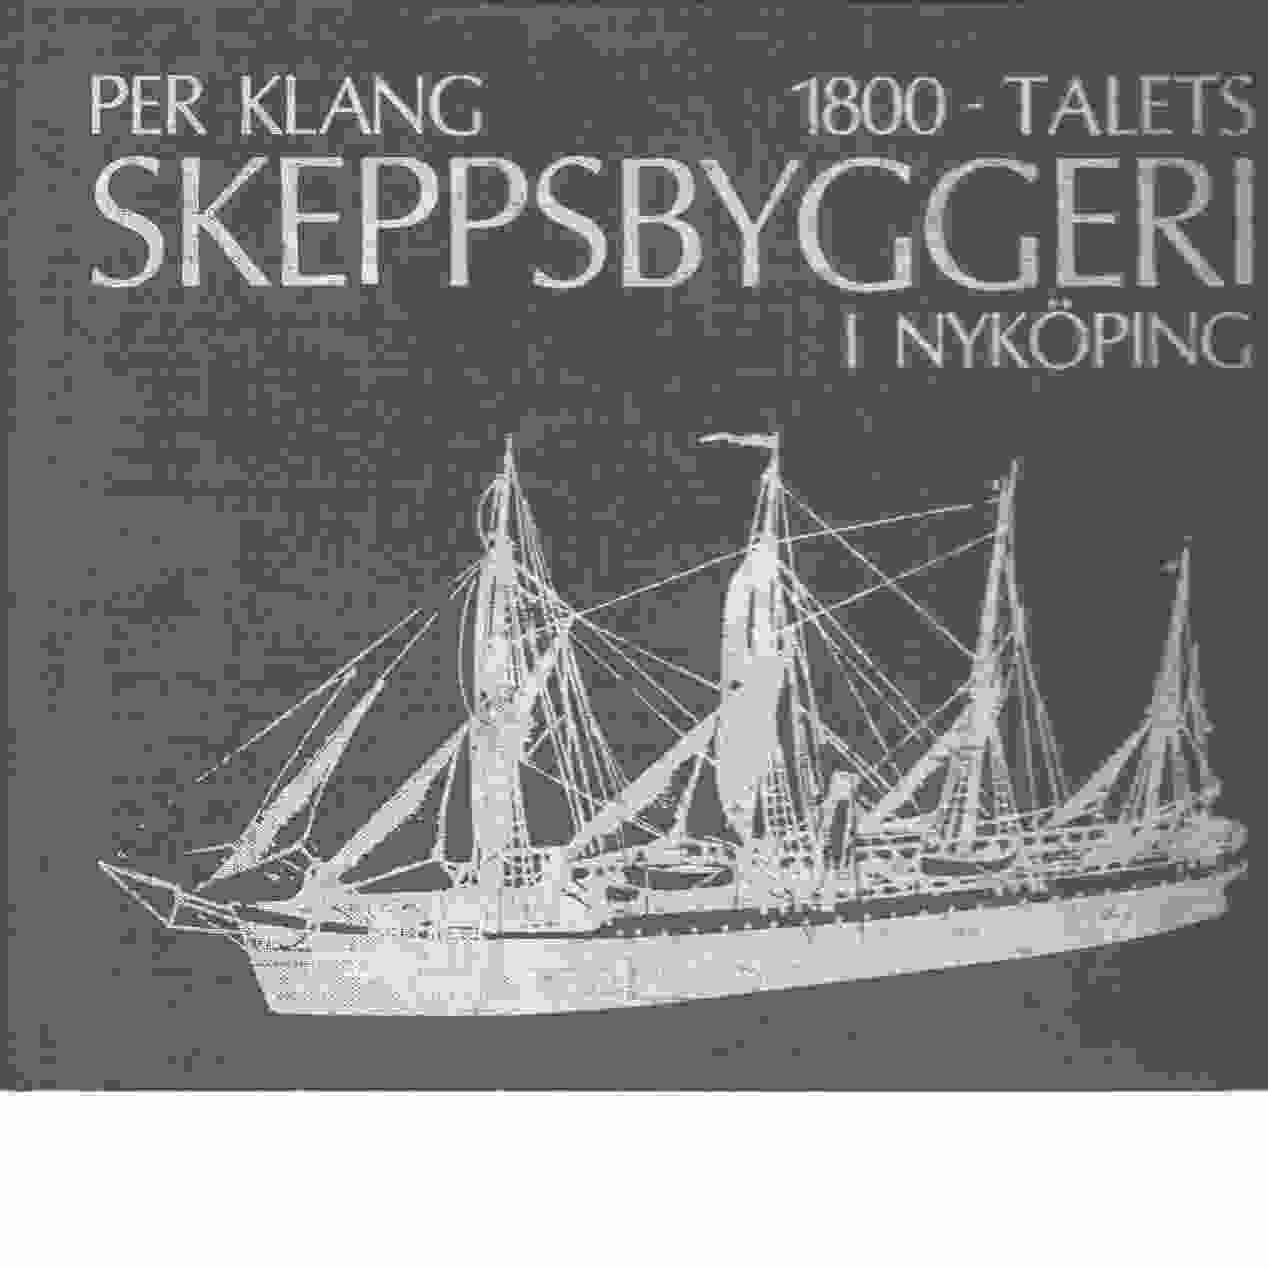 1800-talets skeppsbyggeri i Nyköping. - Klang, Per